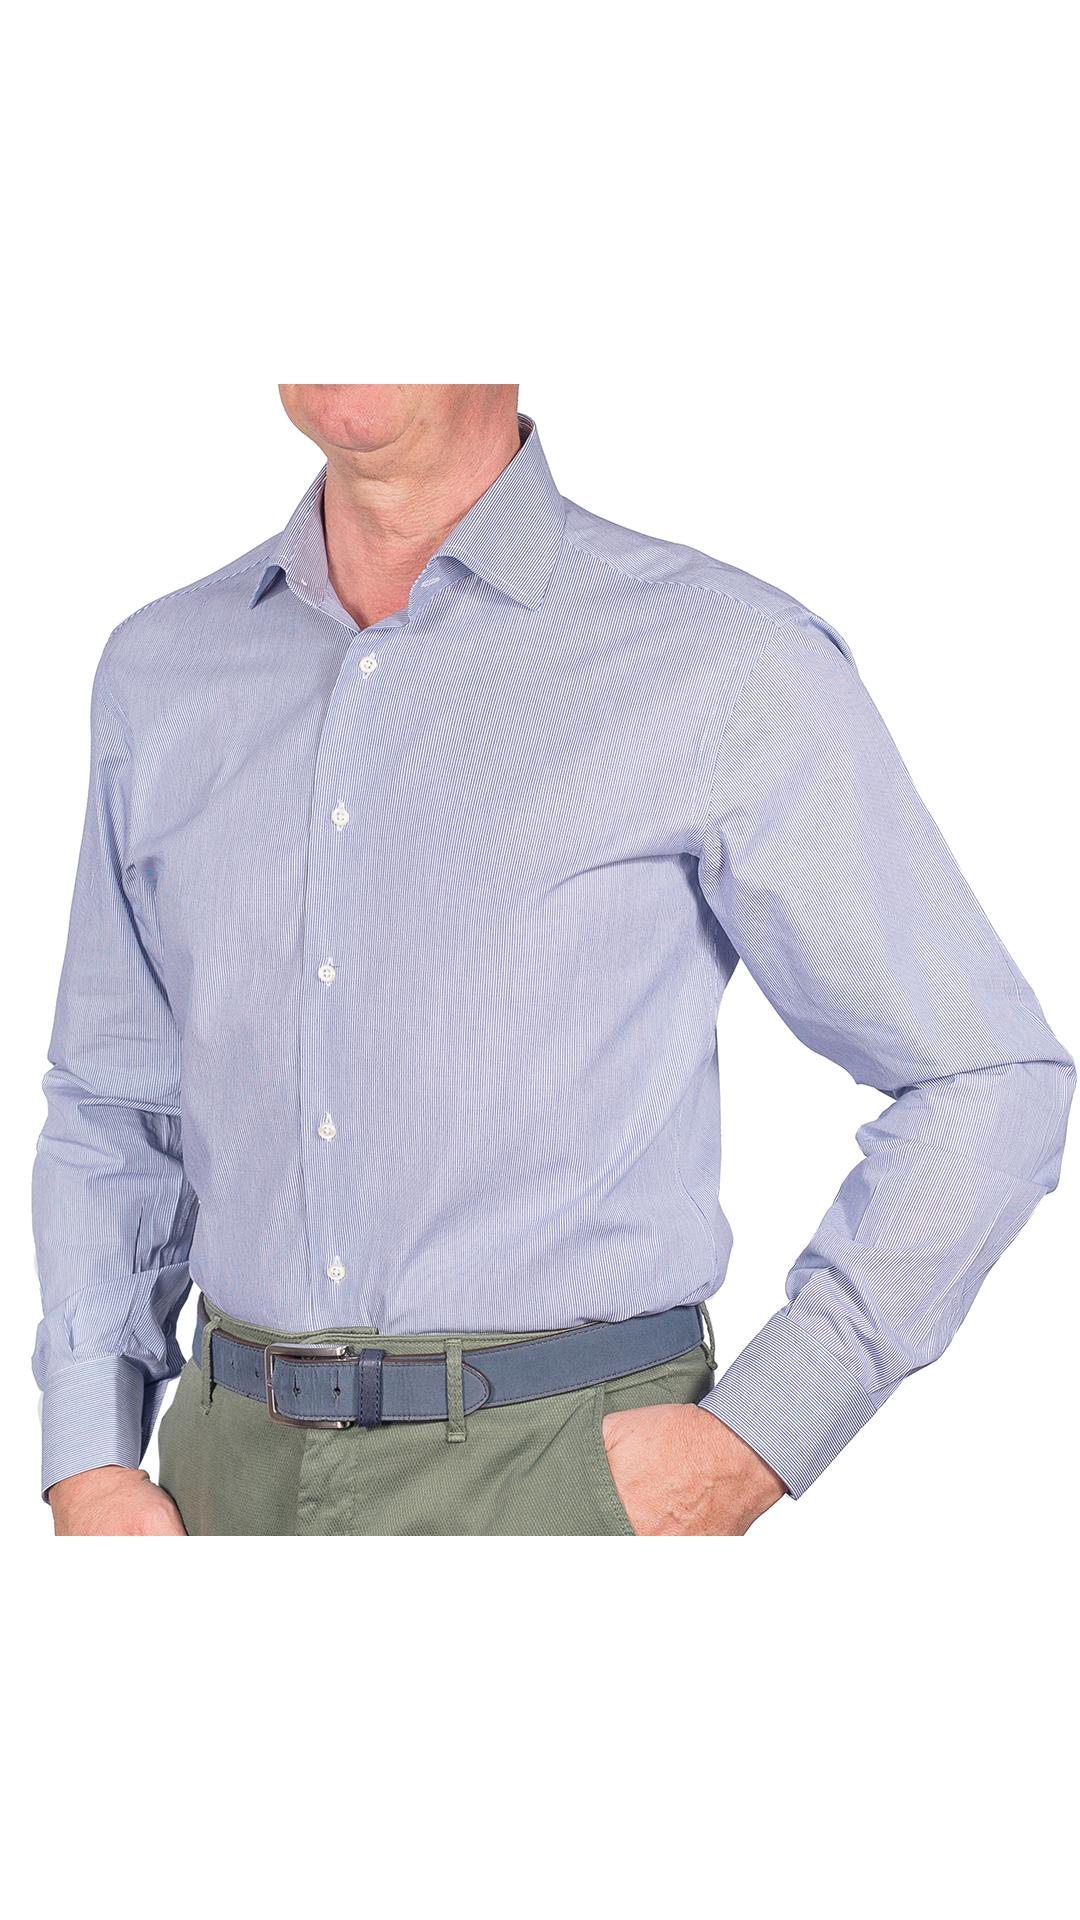 LUXURYJT0076 CAMICIA UOMO DOPPIO RITORTO MANICA LUNGA 1 1stAmerican camicia elegante da uomo in collo classico 100% cotone alta qualità doppio ritorto manica lunga – camicia sartoriale regular fit